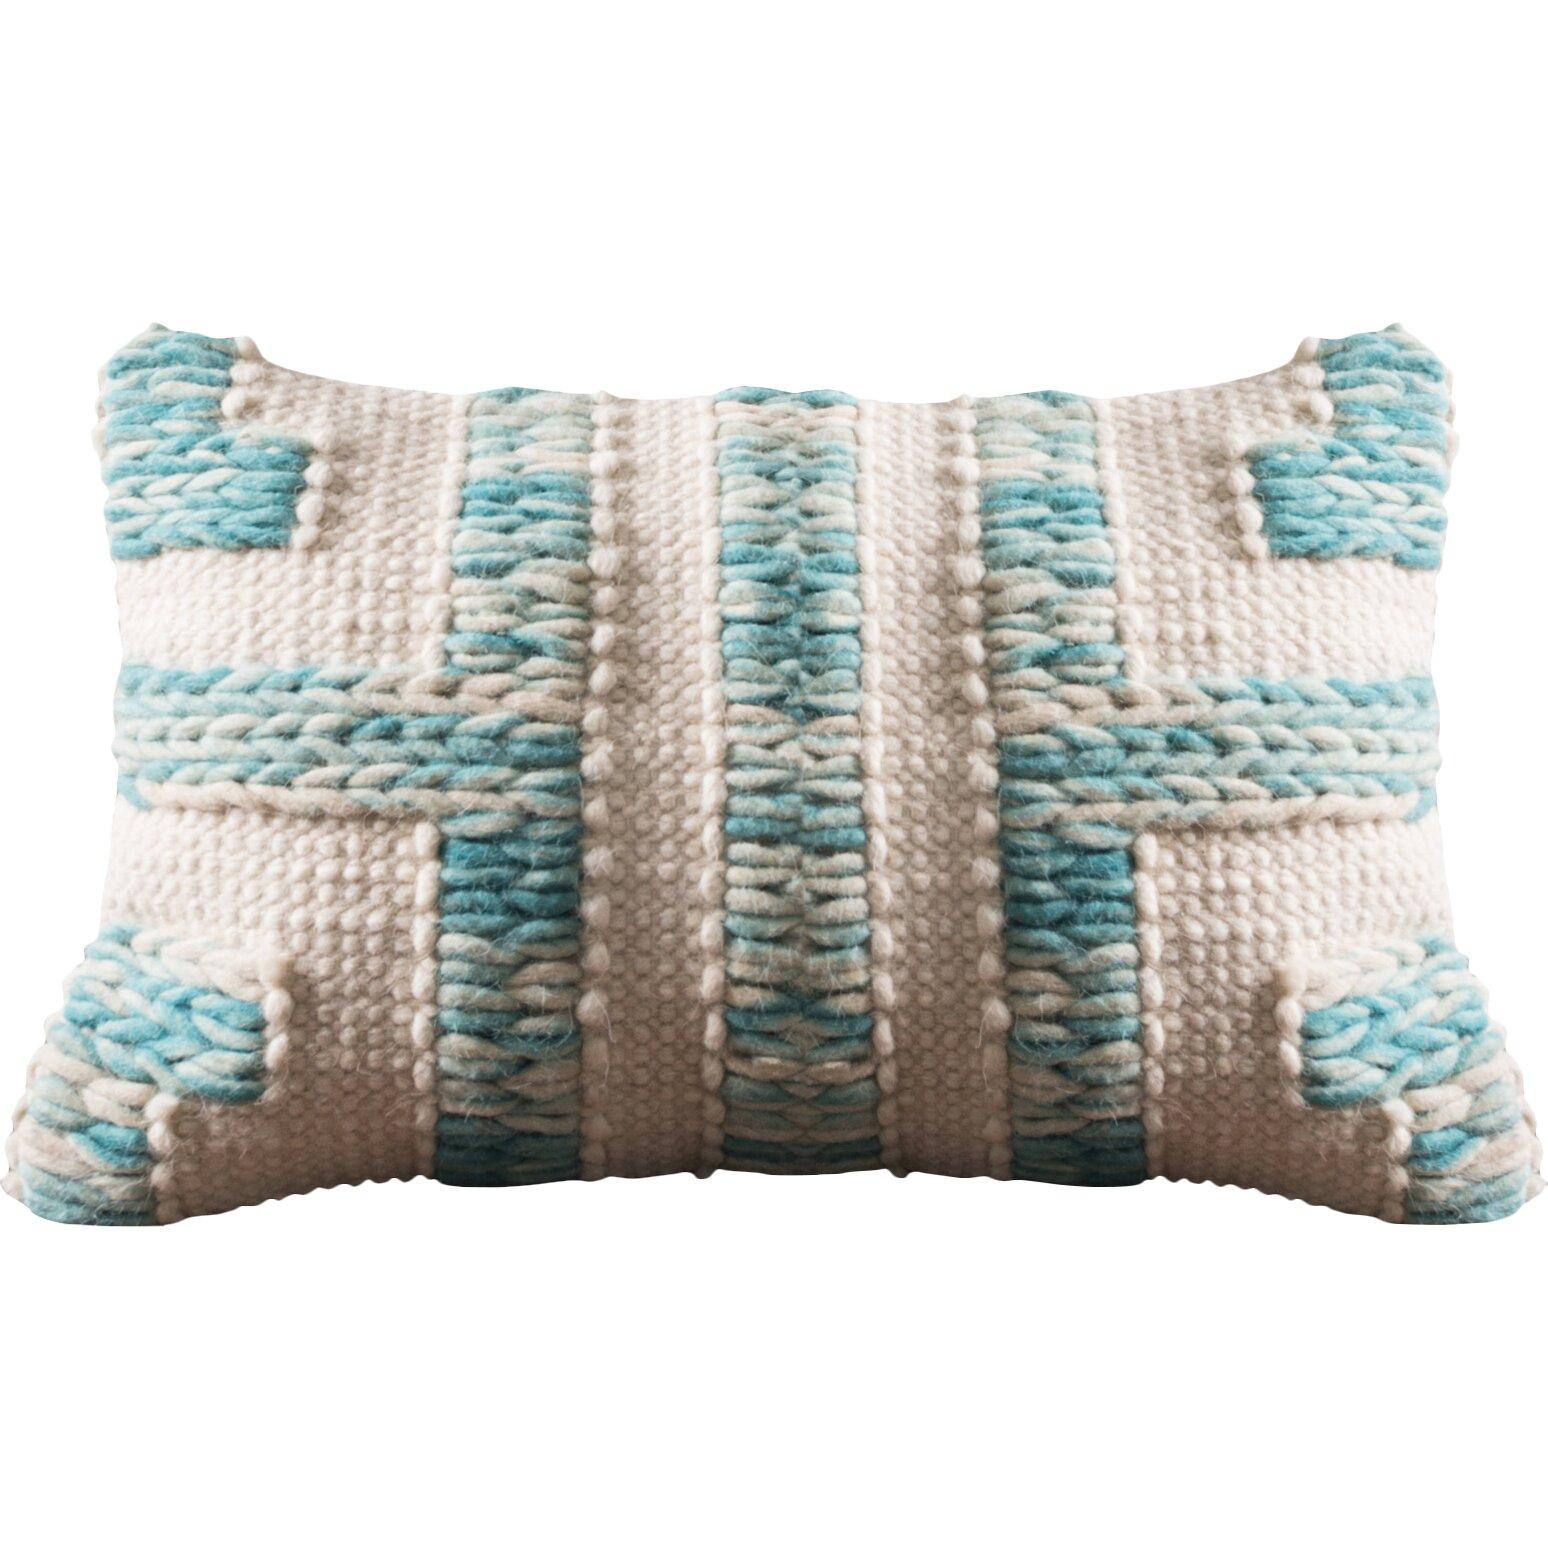 Throw Pillows With Matching Rug : Loloi Rugs Throw Pillow Wayfair